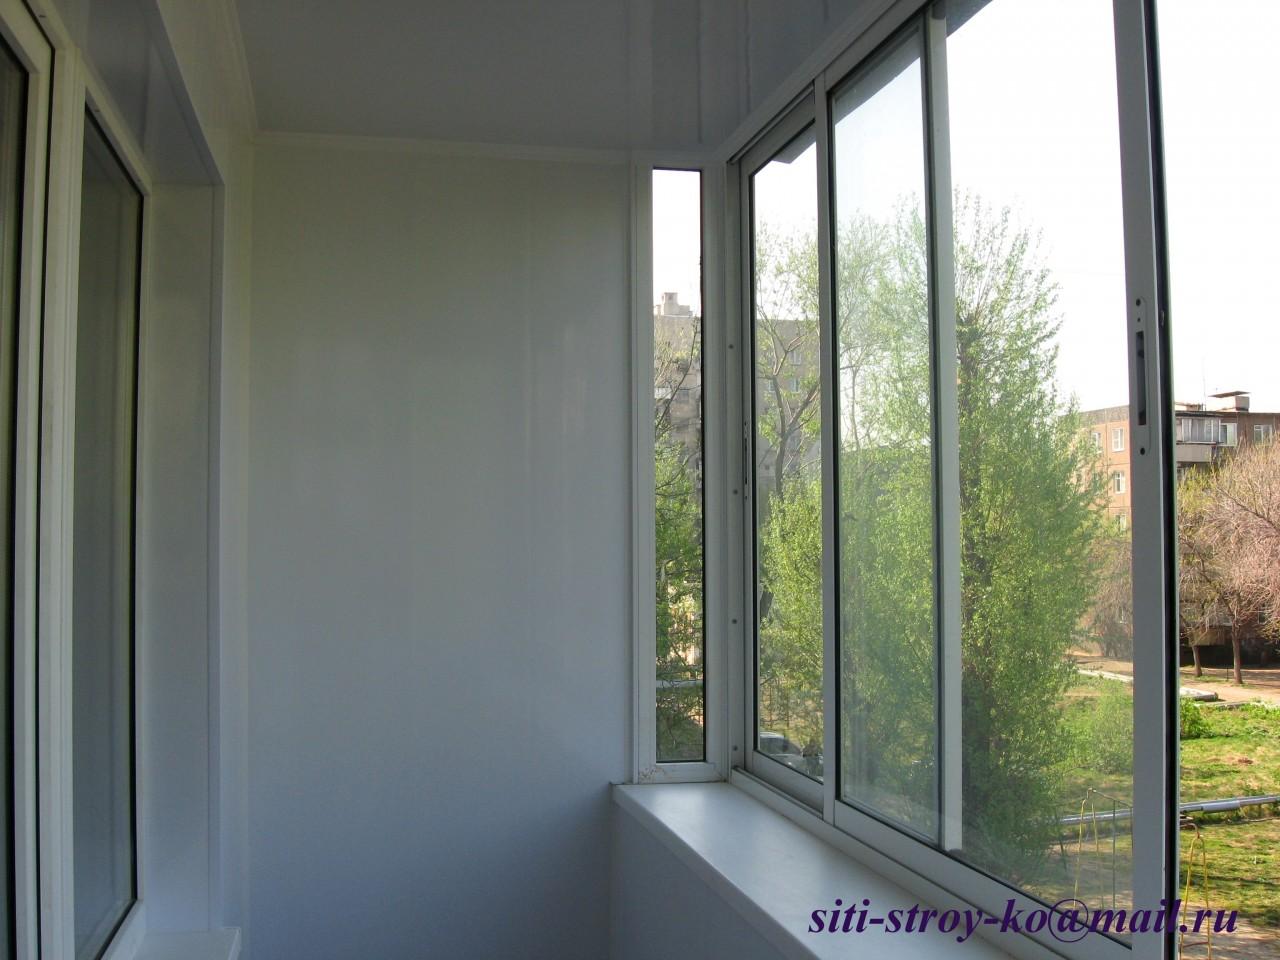 Отделка балконов, лоджий в Челябинске и по области в г.Челяб.